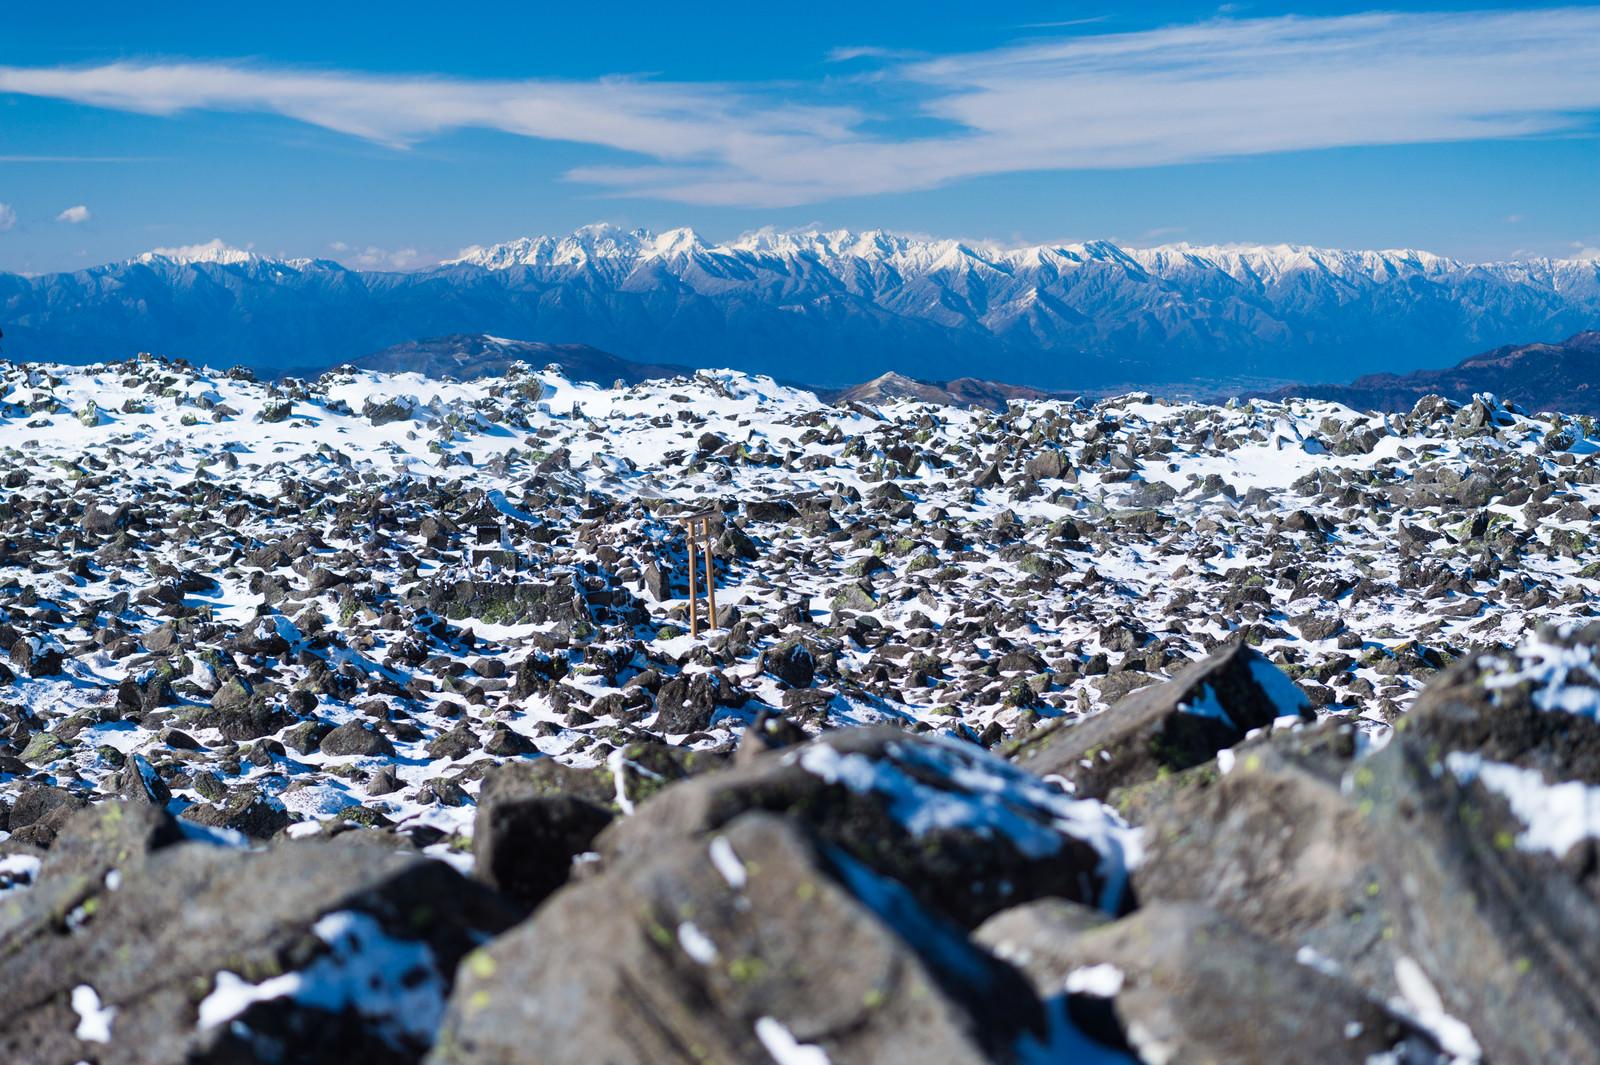 「蓼科山山頂の岩稜と鳥居蓼科山山頂の岩稜と鳥居」のフリー写真素材を拡大